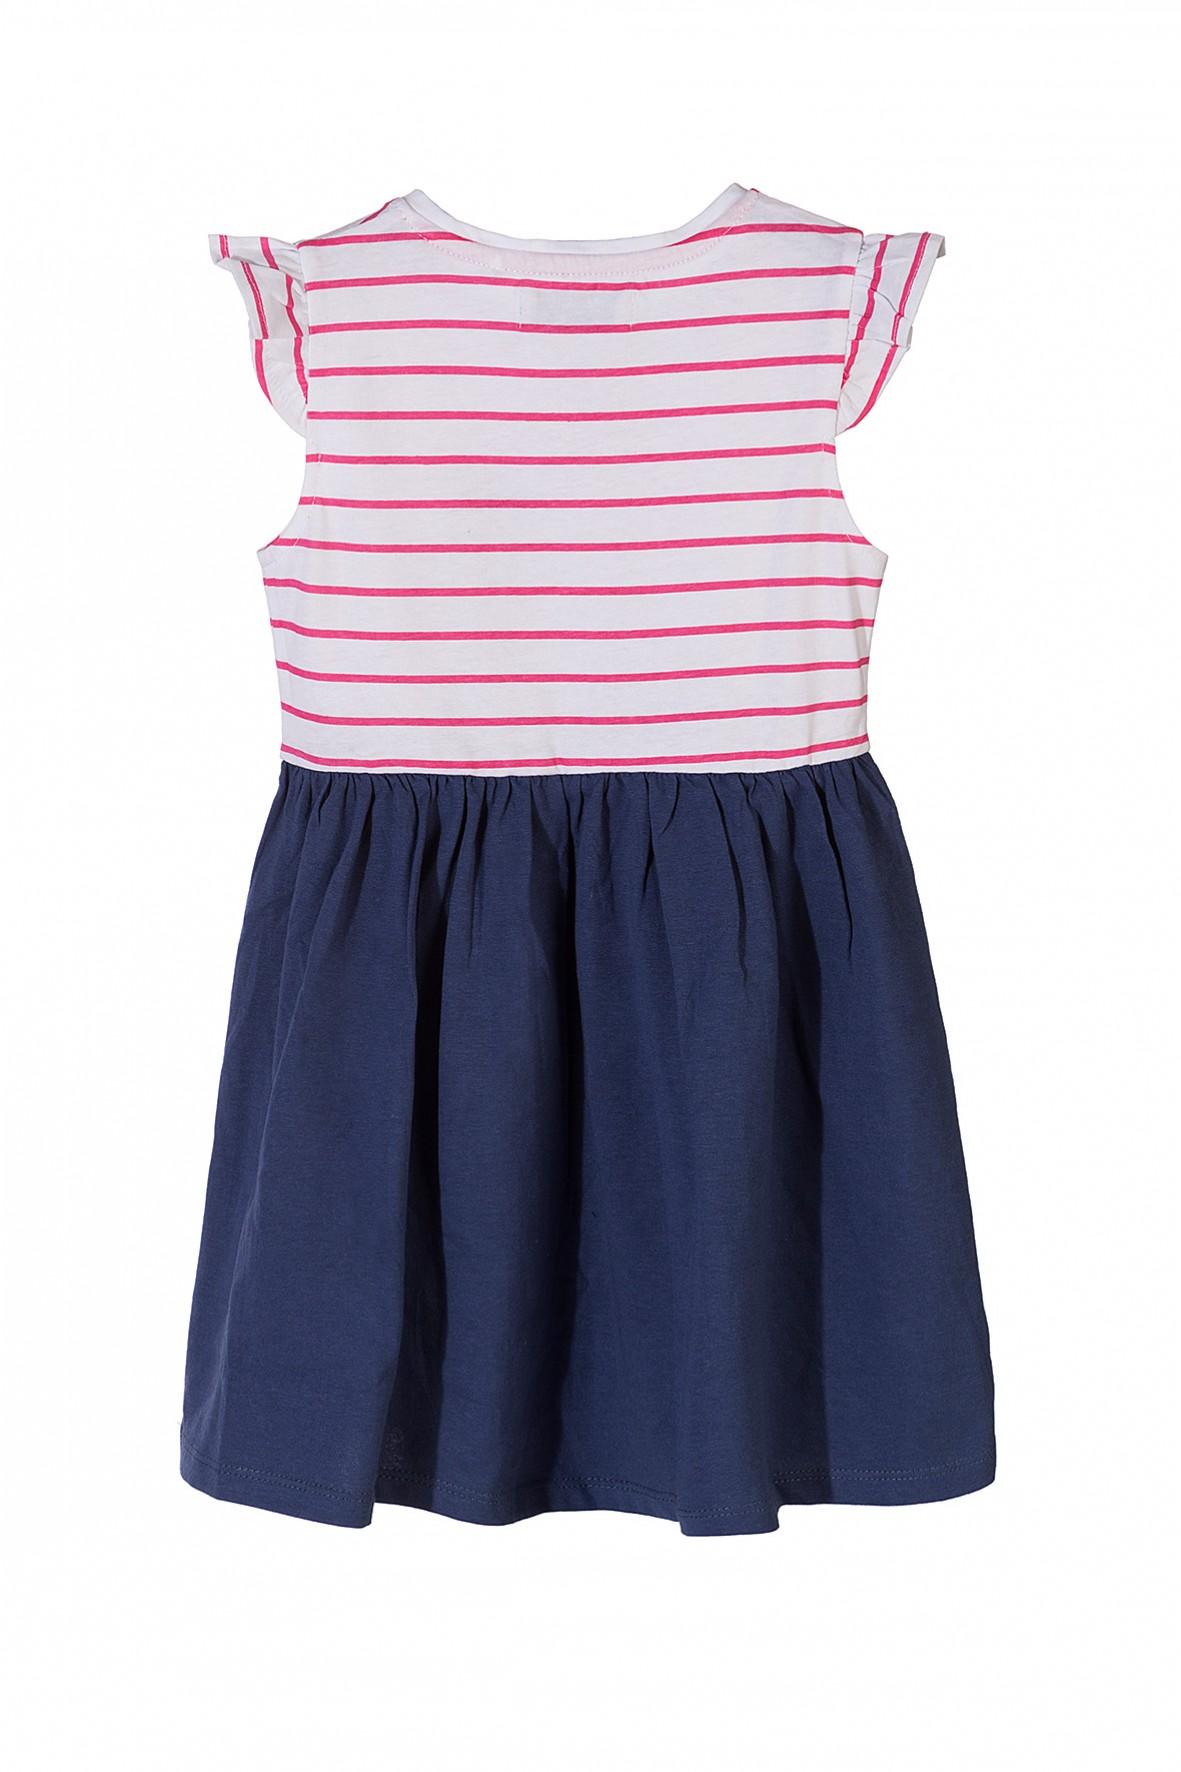 79082e5cff ... Bawełniana sukienka dla dziewczynki z ozdobnymi nadrukami